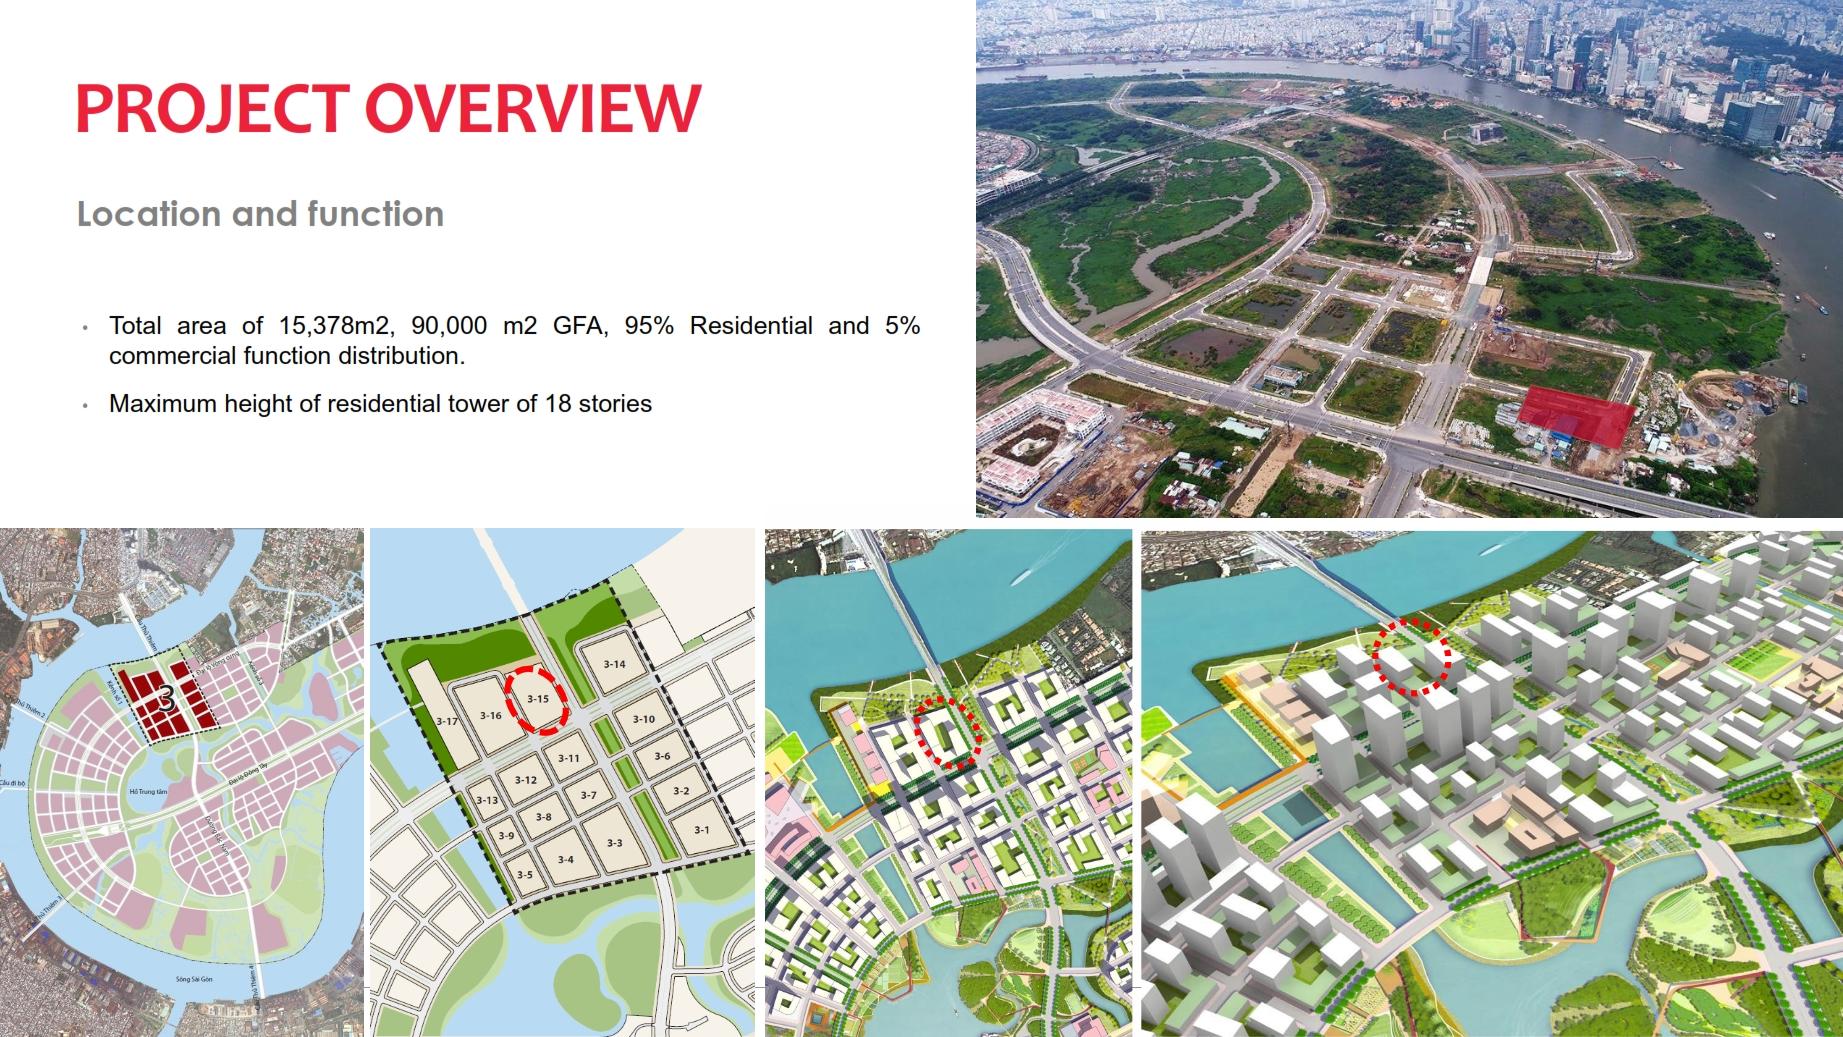 建案介绍-The River Thu Thiem Project - English_006